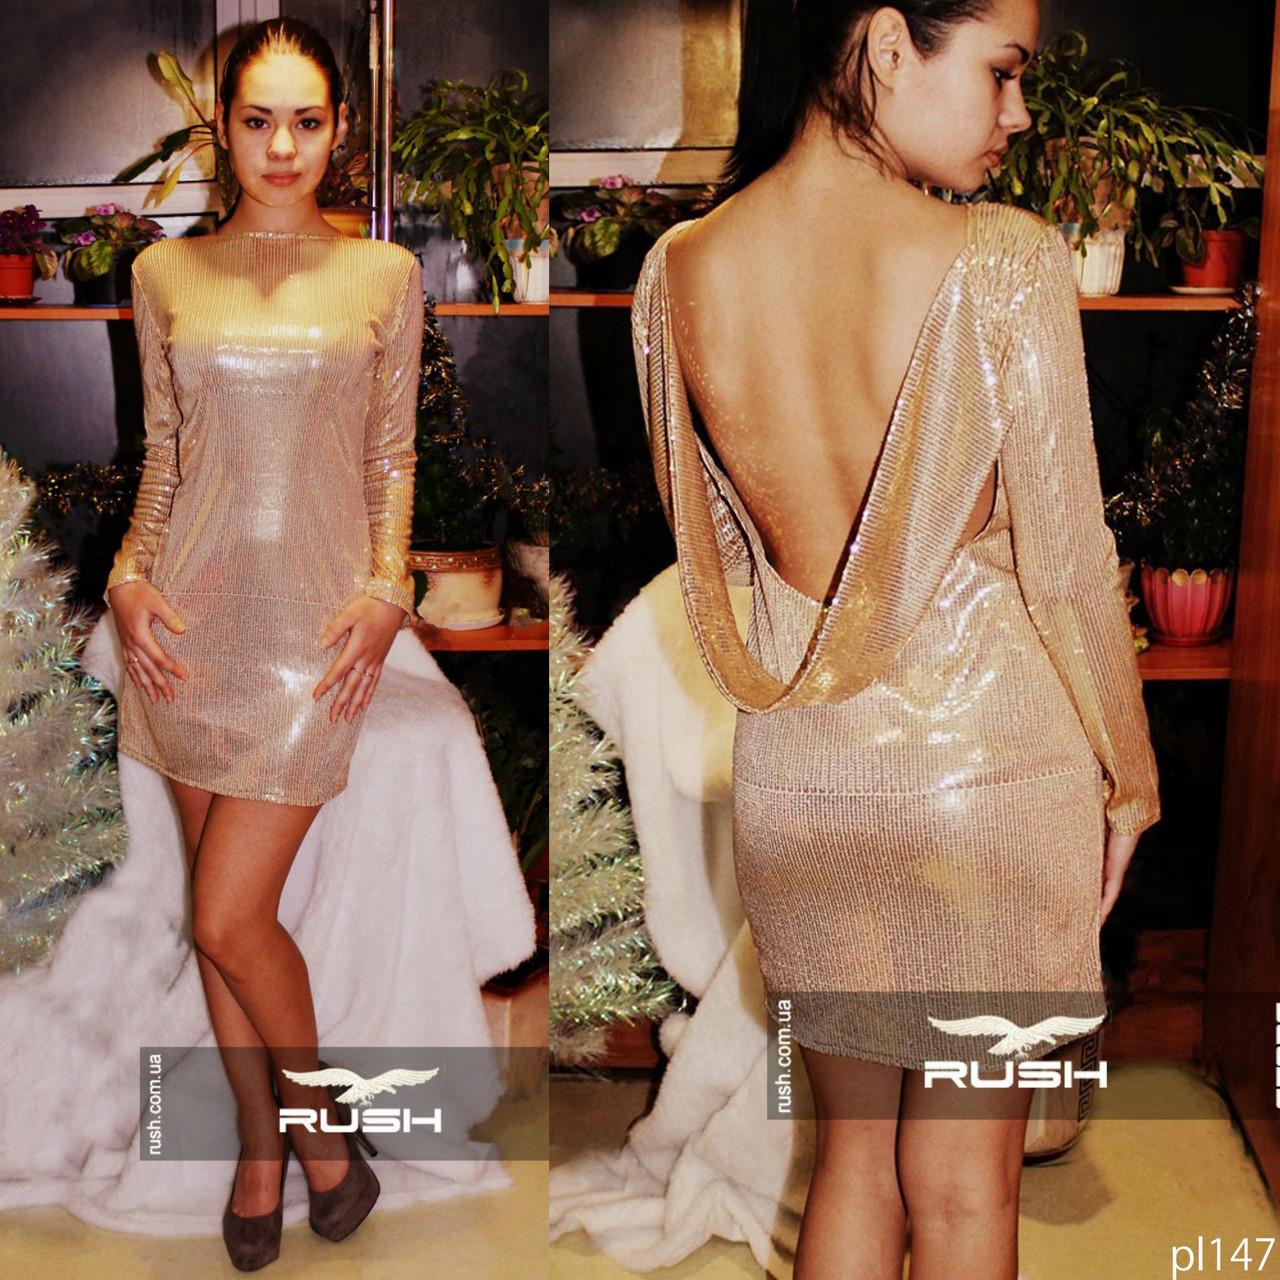 f5d67a9da6a Платье из пайеток с открытой спиной - RUSH STORE интернет-магазин женской  одежды в Николаеве